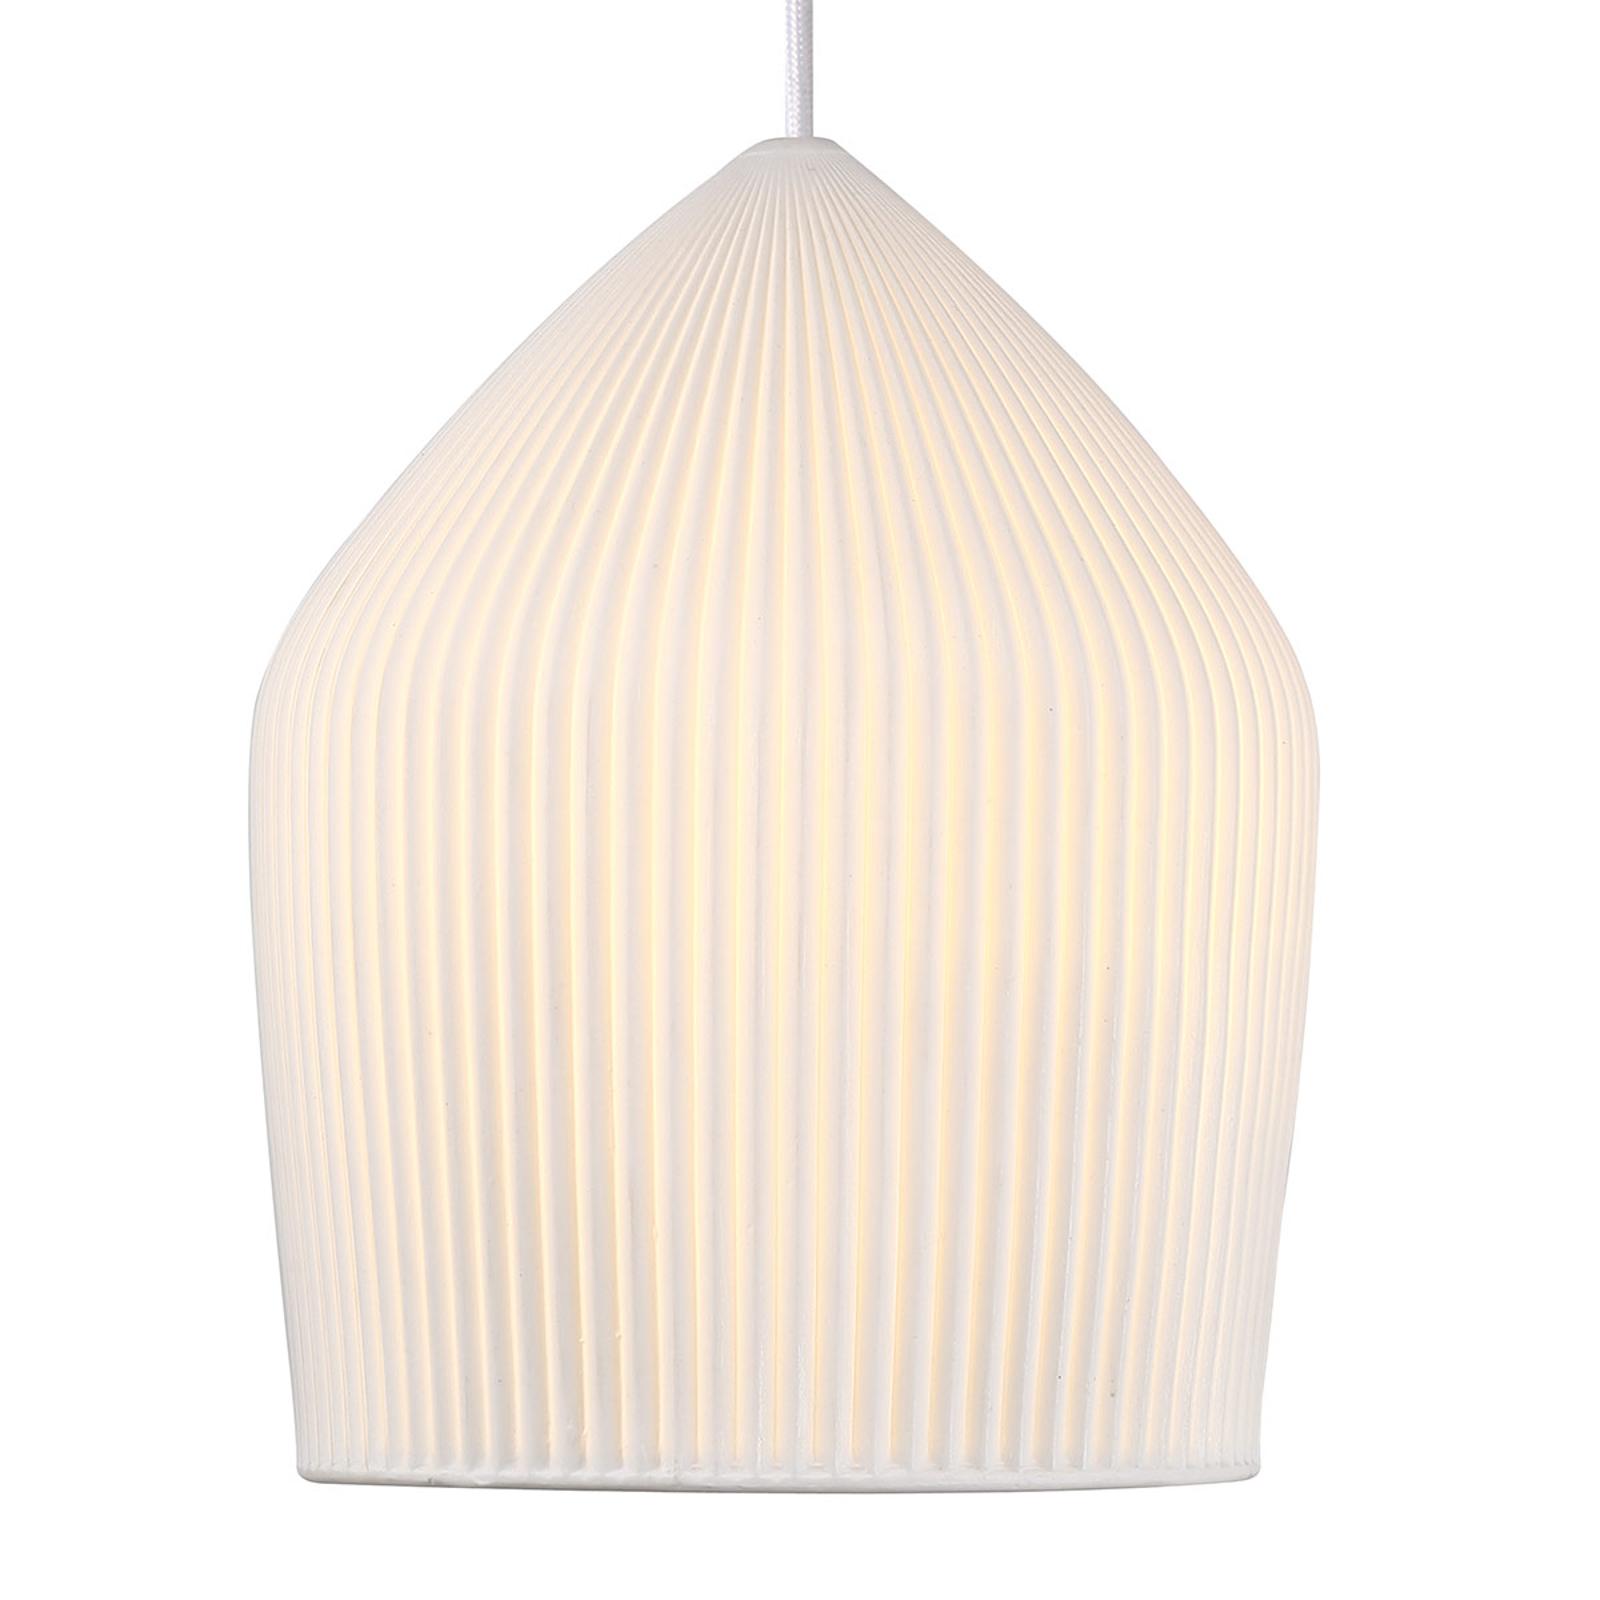 Biała ceramiczna lampa wisząca Reykjavik Ø 22 cm